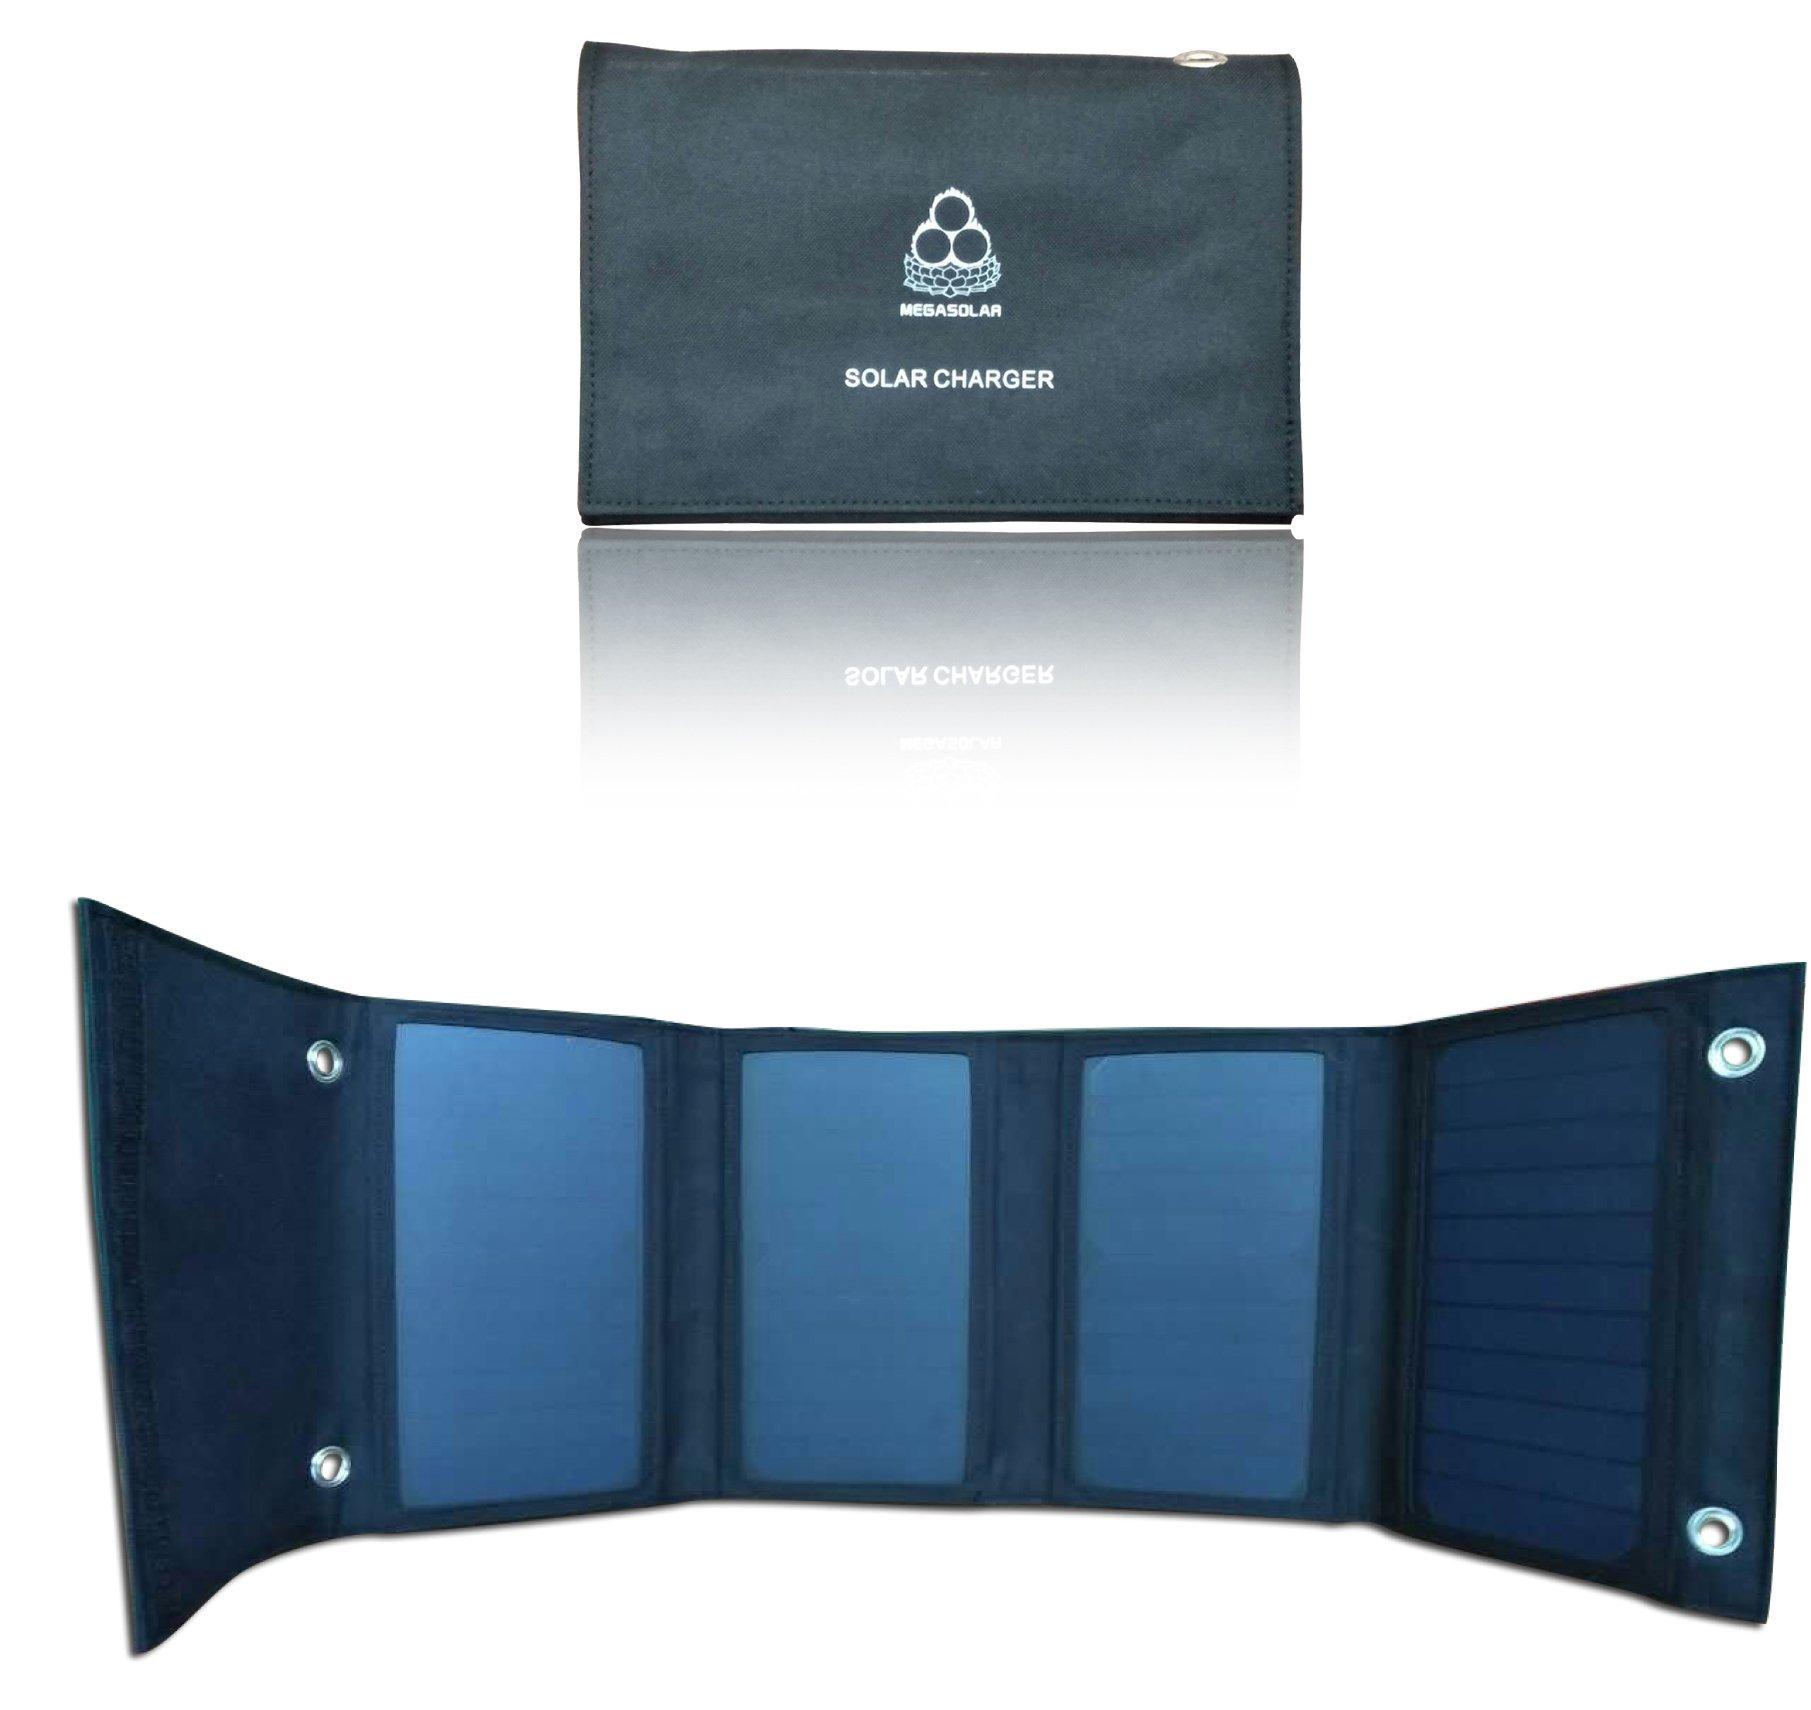 MEGASOLAR 24W Solar Charger Sunpower Solar Panel with Solar Controller Dual 5V USB Output and DC 9V 12V 15V Output, for charging Smartphones Tablets, 5V 9V 12V 15V devices and batteries, camping by SZMJSOLAR